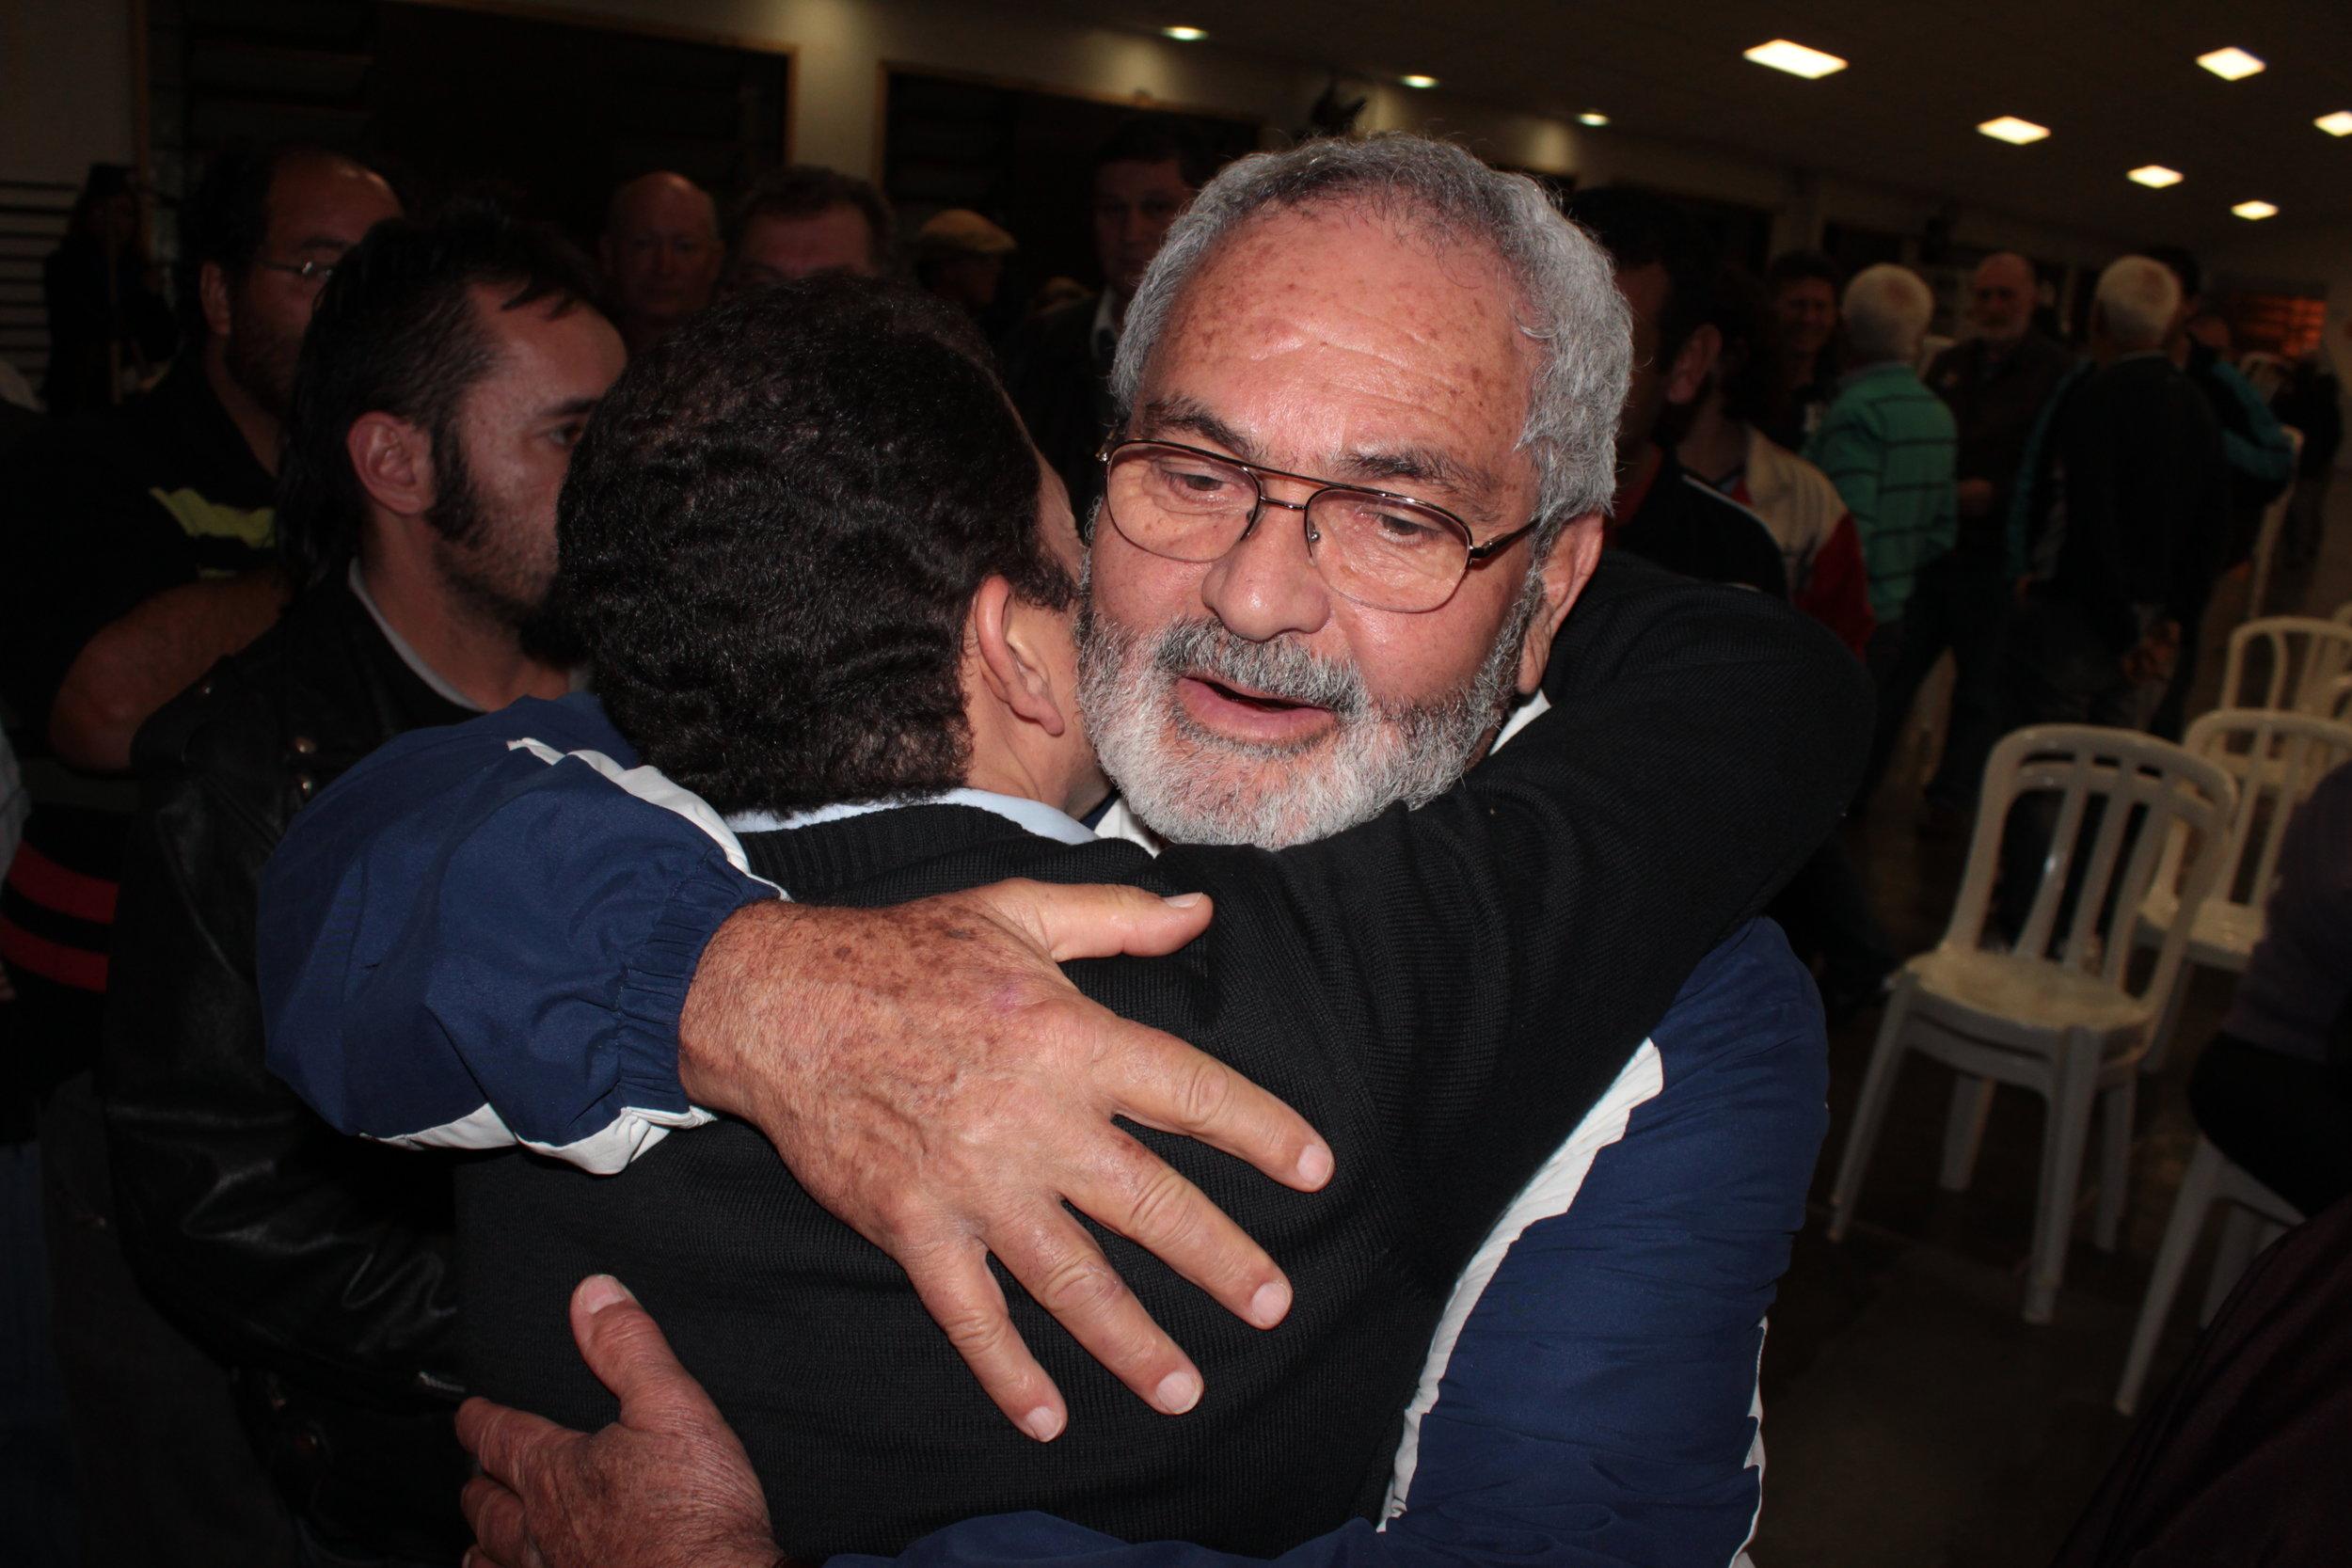 Lancamento Candidatura Serginho 2012 - Salao Rosario de Belem.JPG